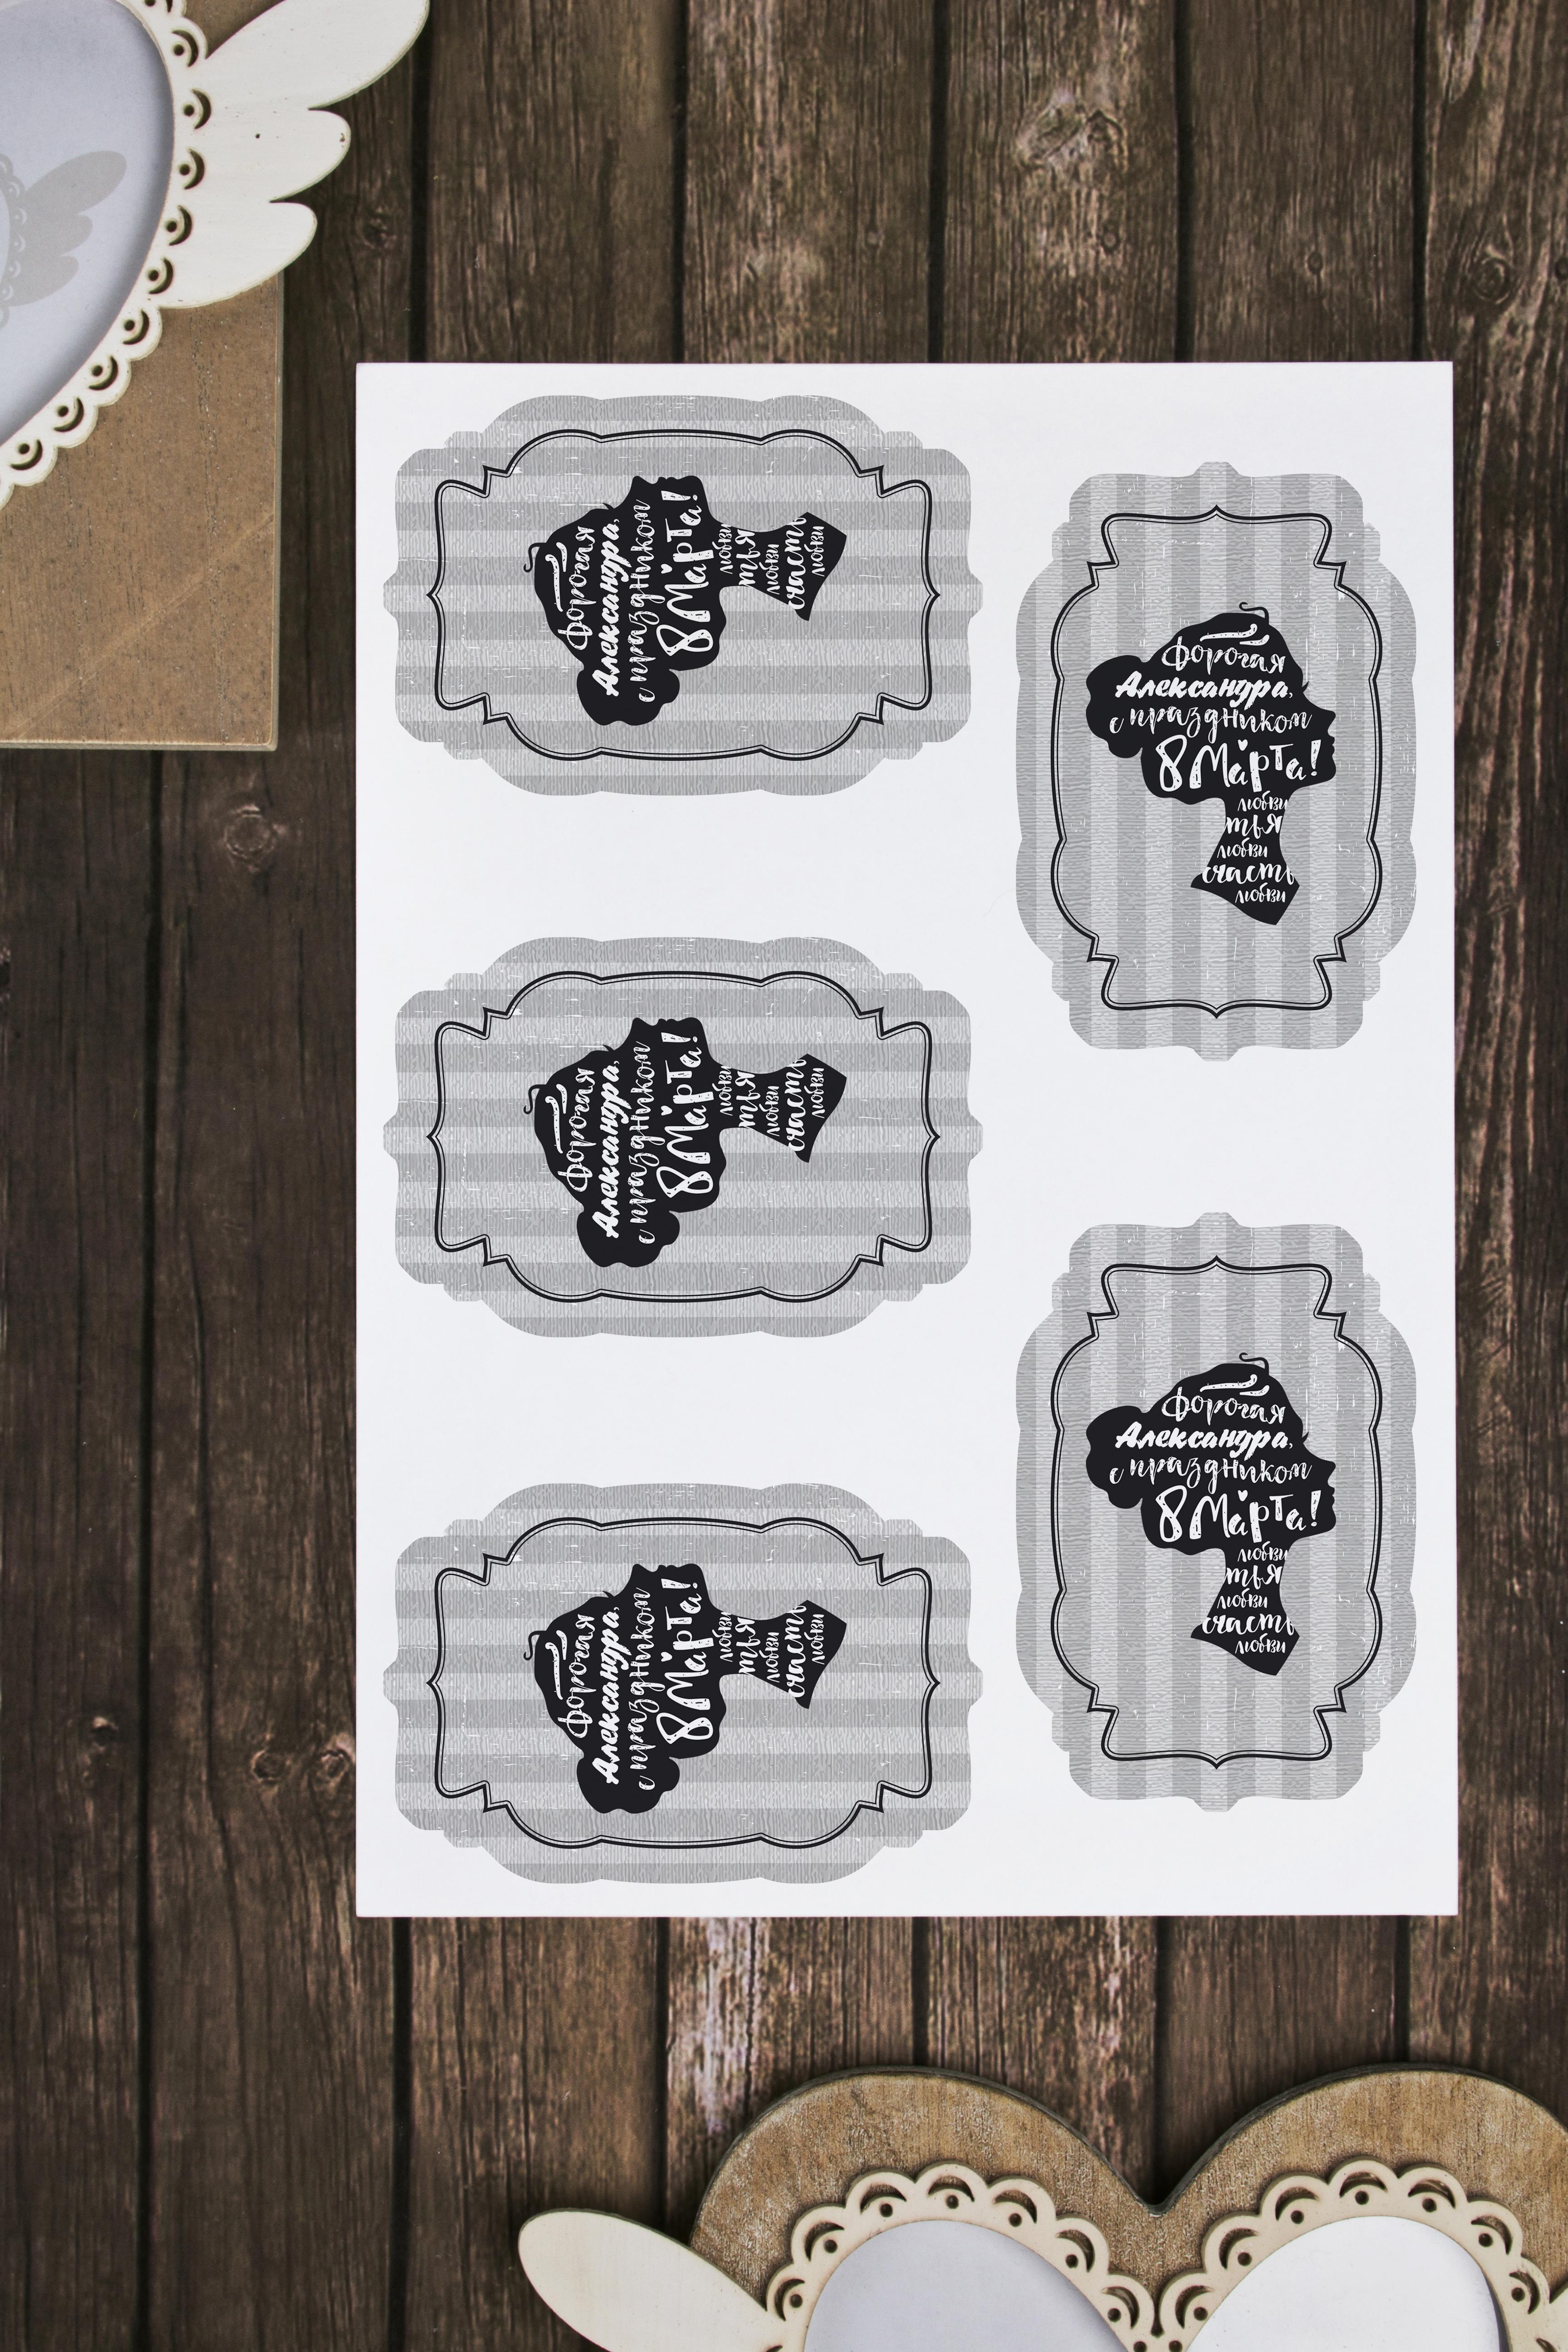 Набор наклеек на подарки с Вашим текстом НезнакомкаСувениры и упаковка<br>Набор декоративных наклеек 7*10см с Вашим именем (5шт.)<br>